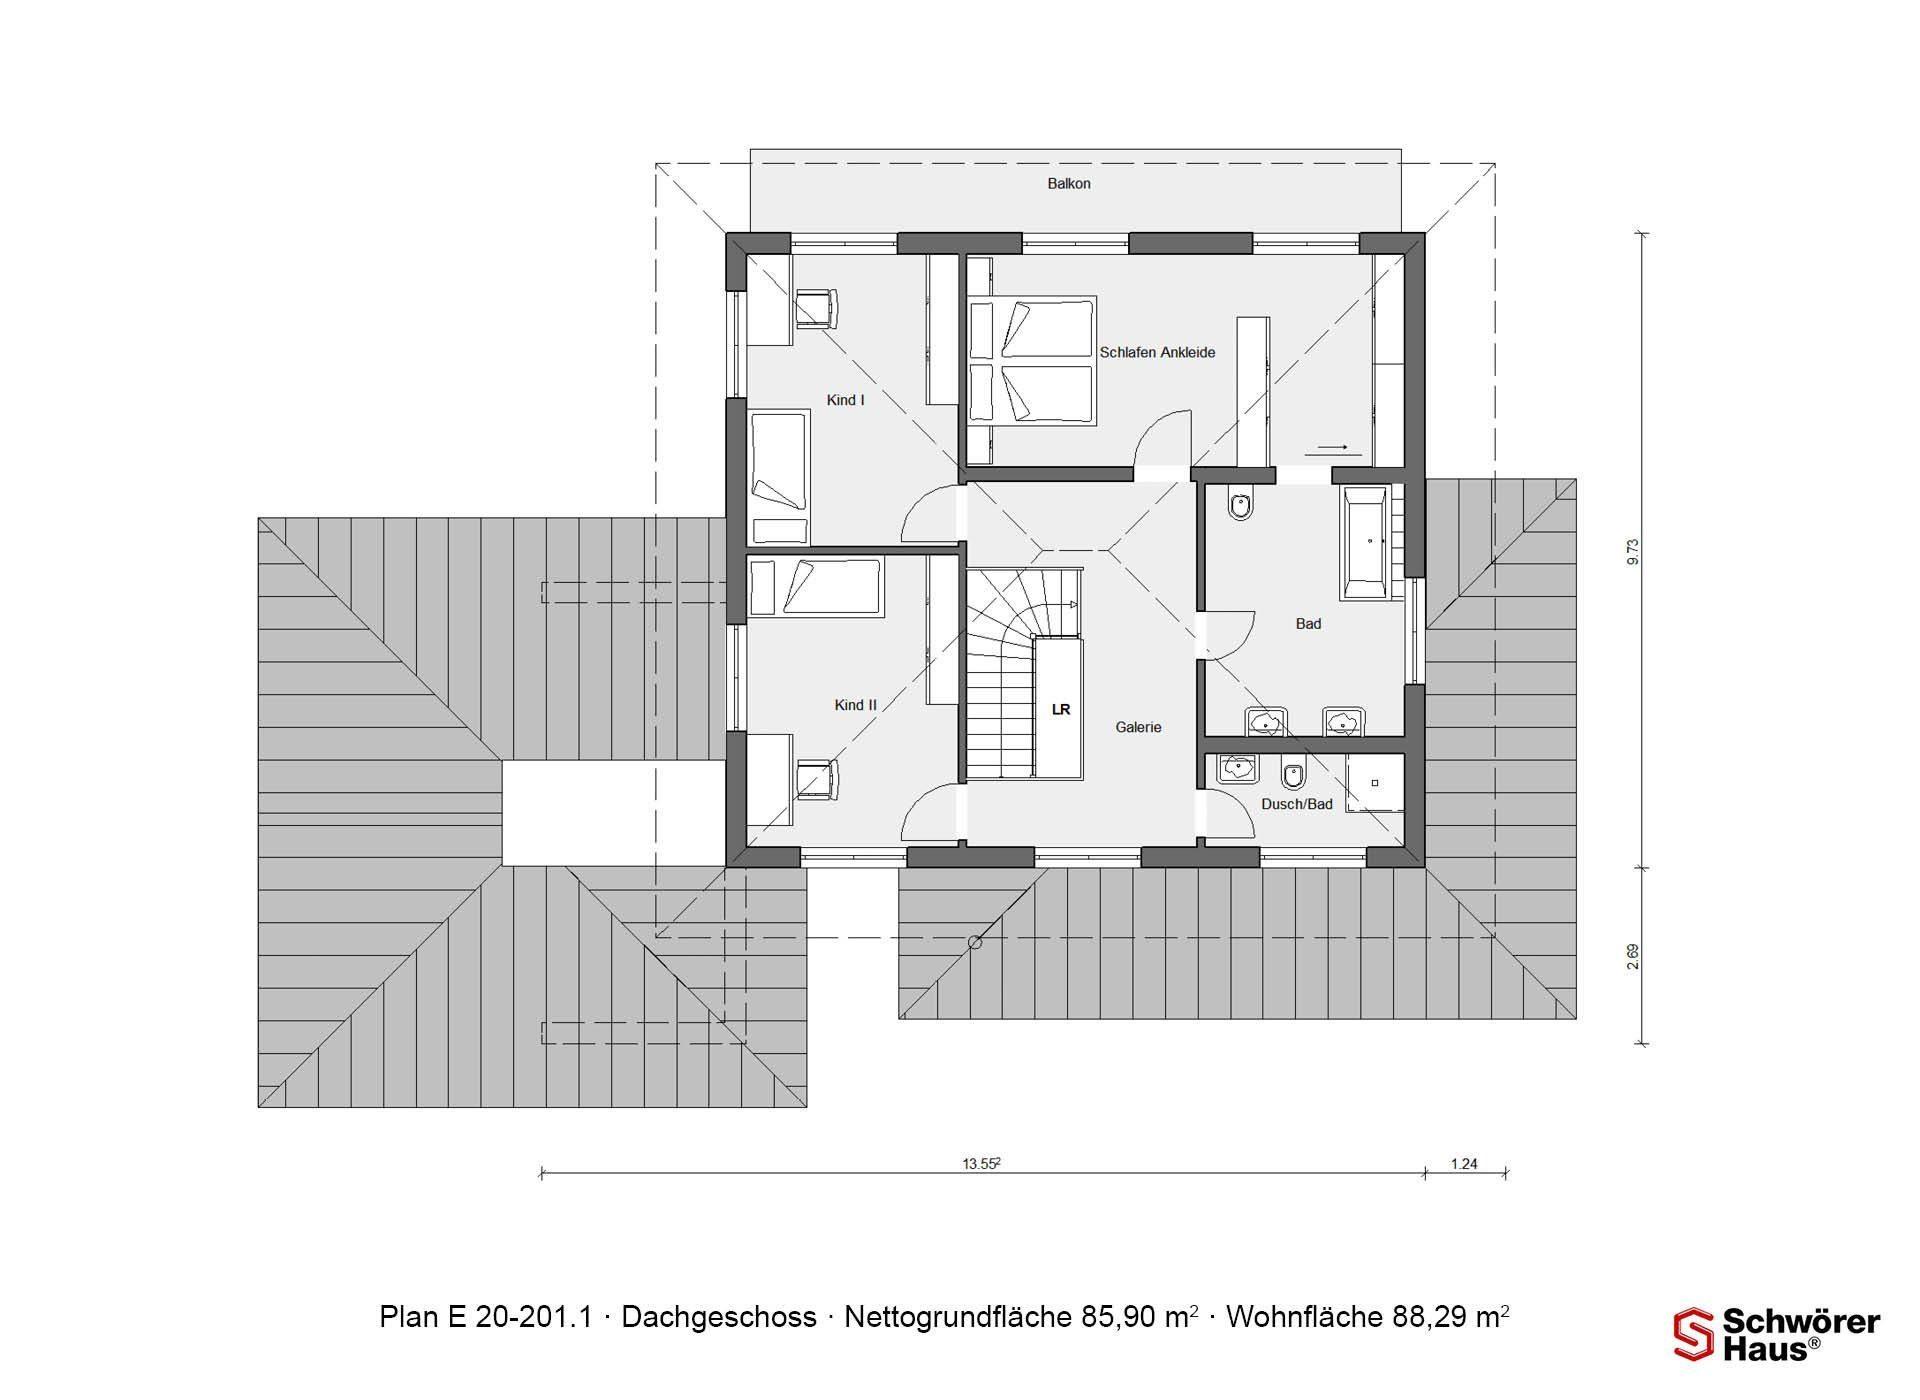 Plan E 20-182.1 - Eine Nahaufnahme von einem Logo - Gebäudeplan